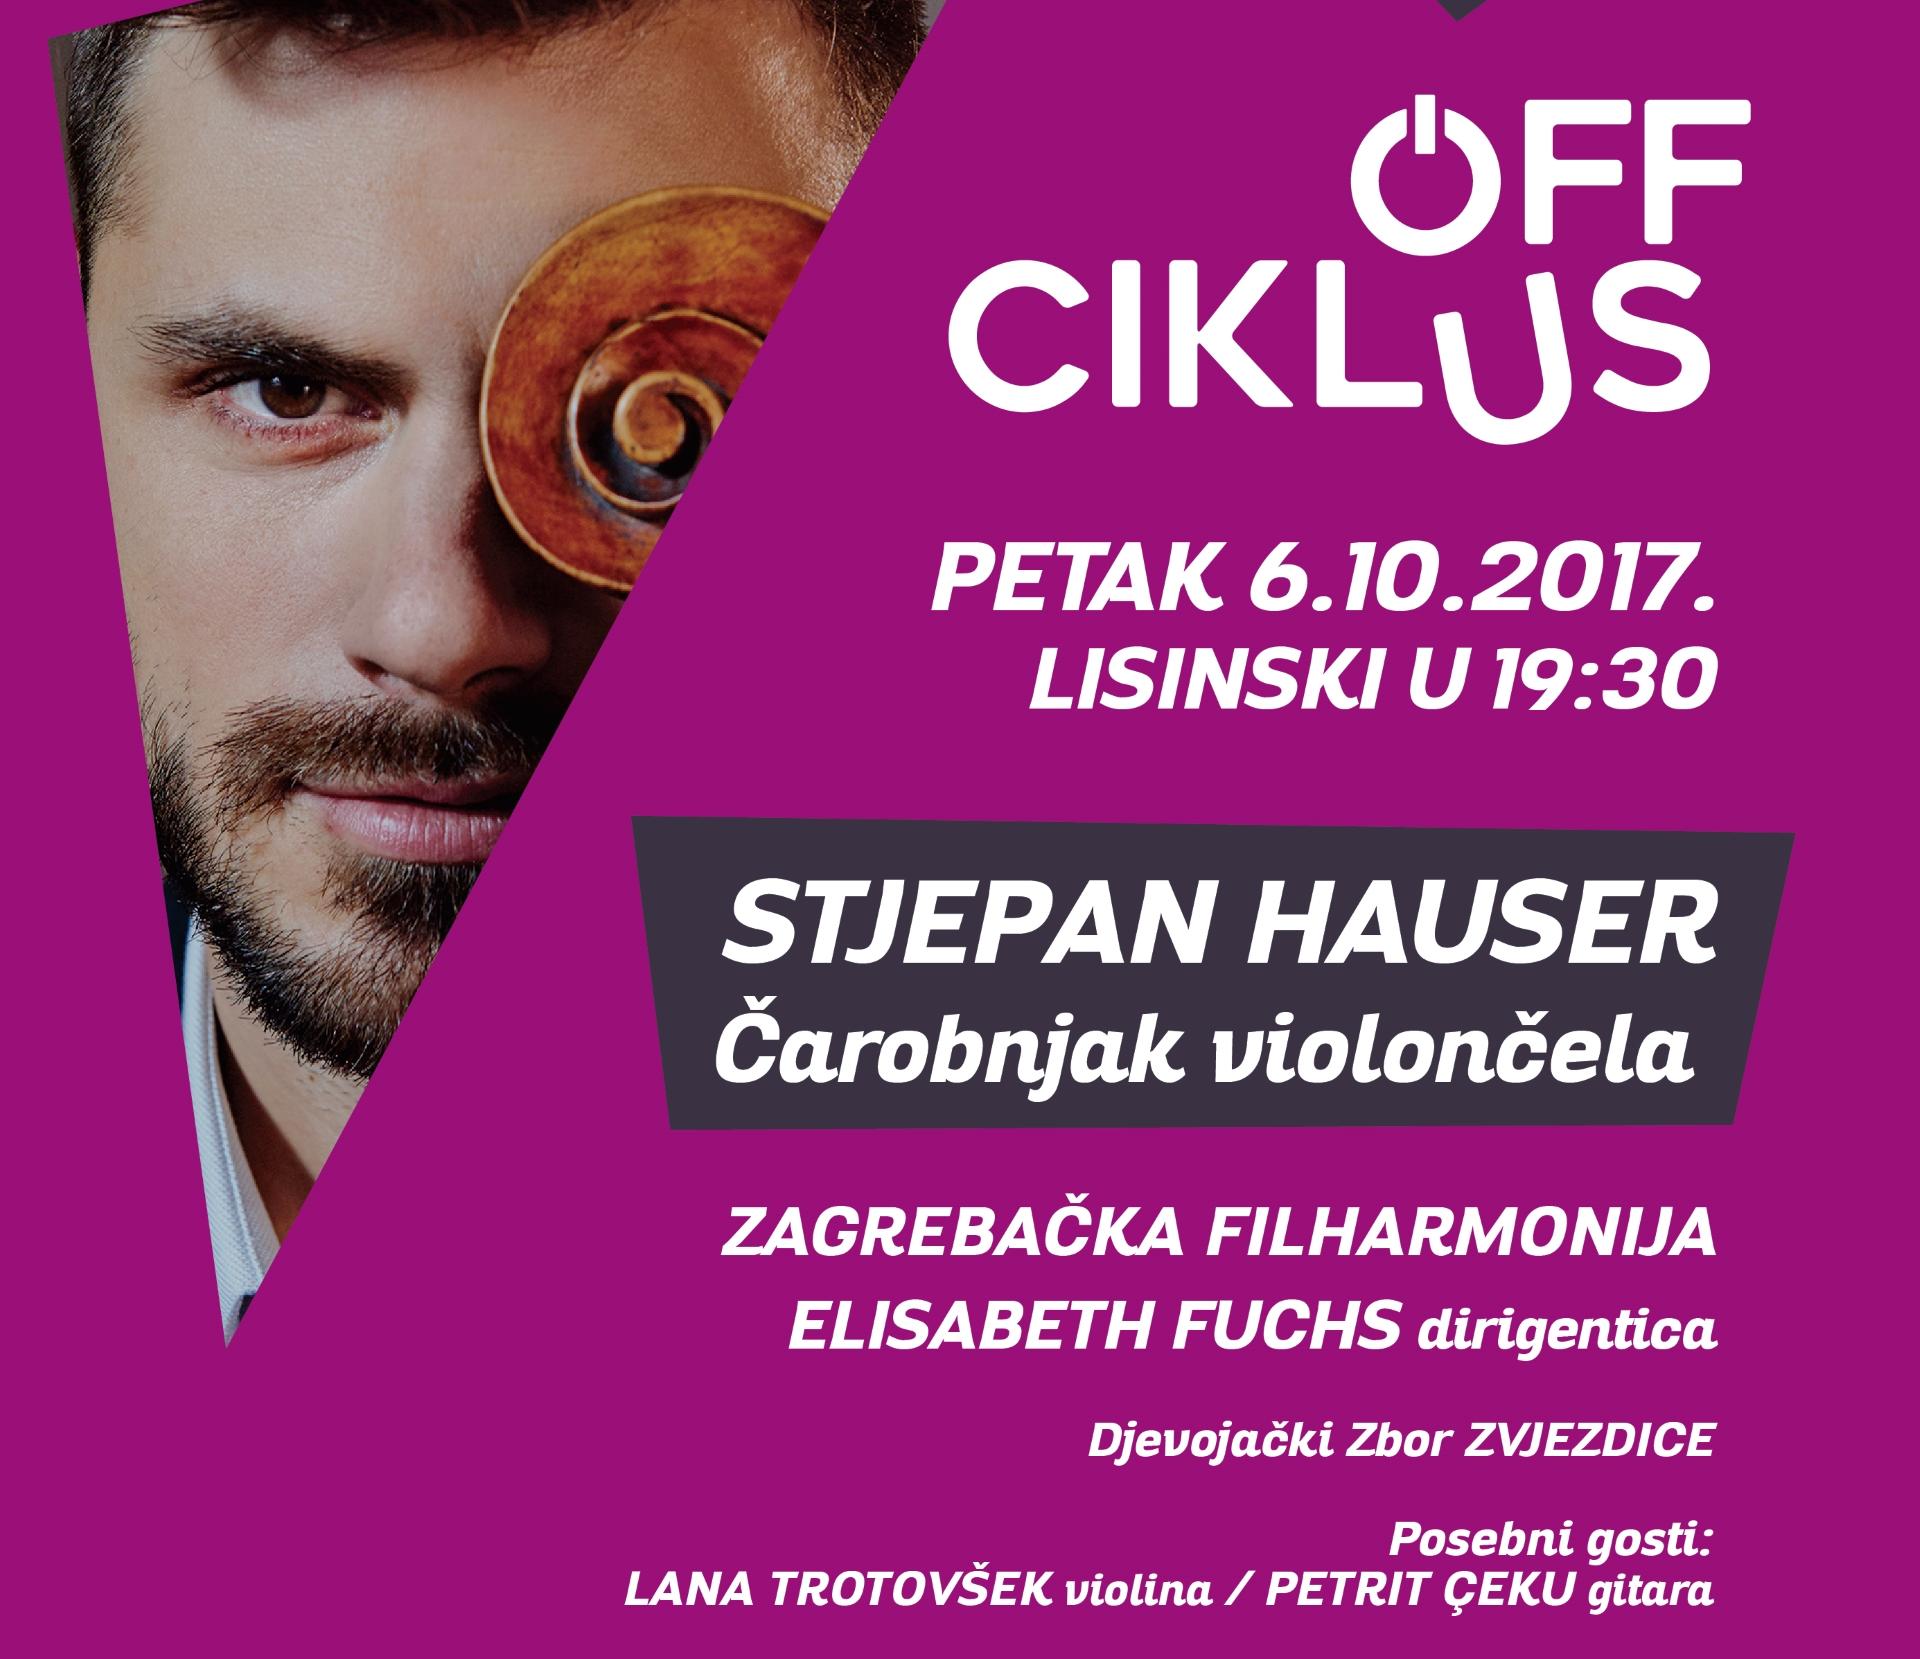 Stjepan Hauser u petak otvara 'Off' ciklus Zagrebačke filharmonije